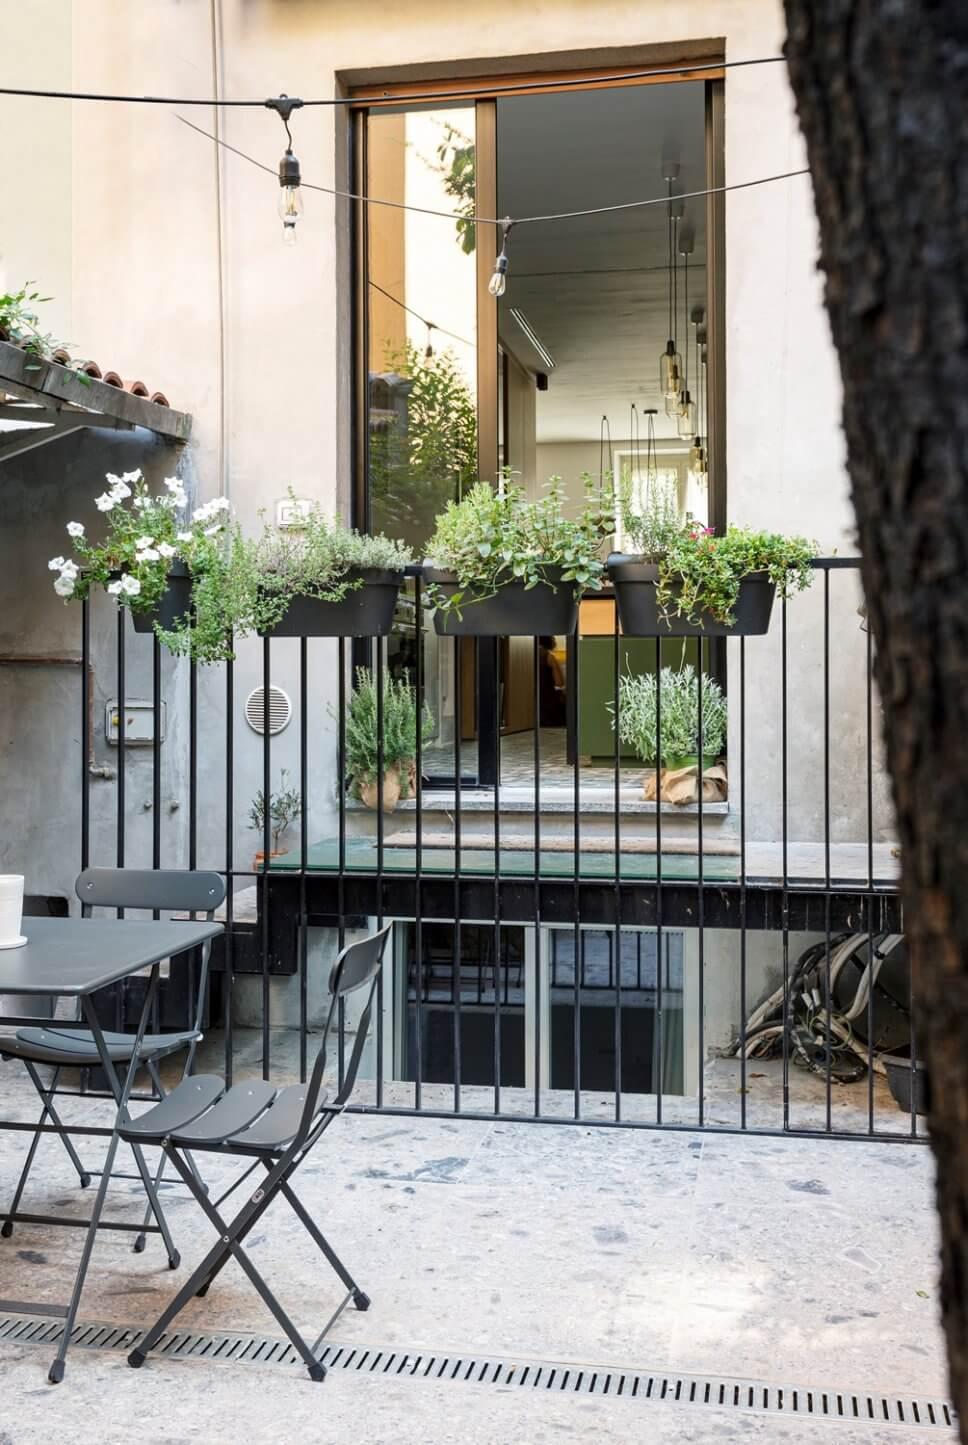 Begrünter Innenhof mit Gartentisch und Klappstühlen vor einem Balkon mit Blick in eine Wohnküche